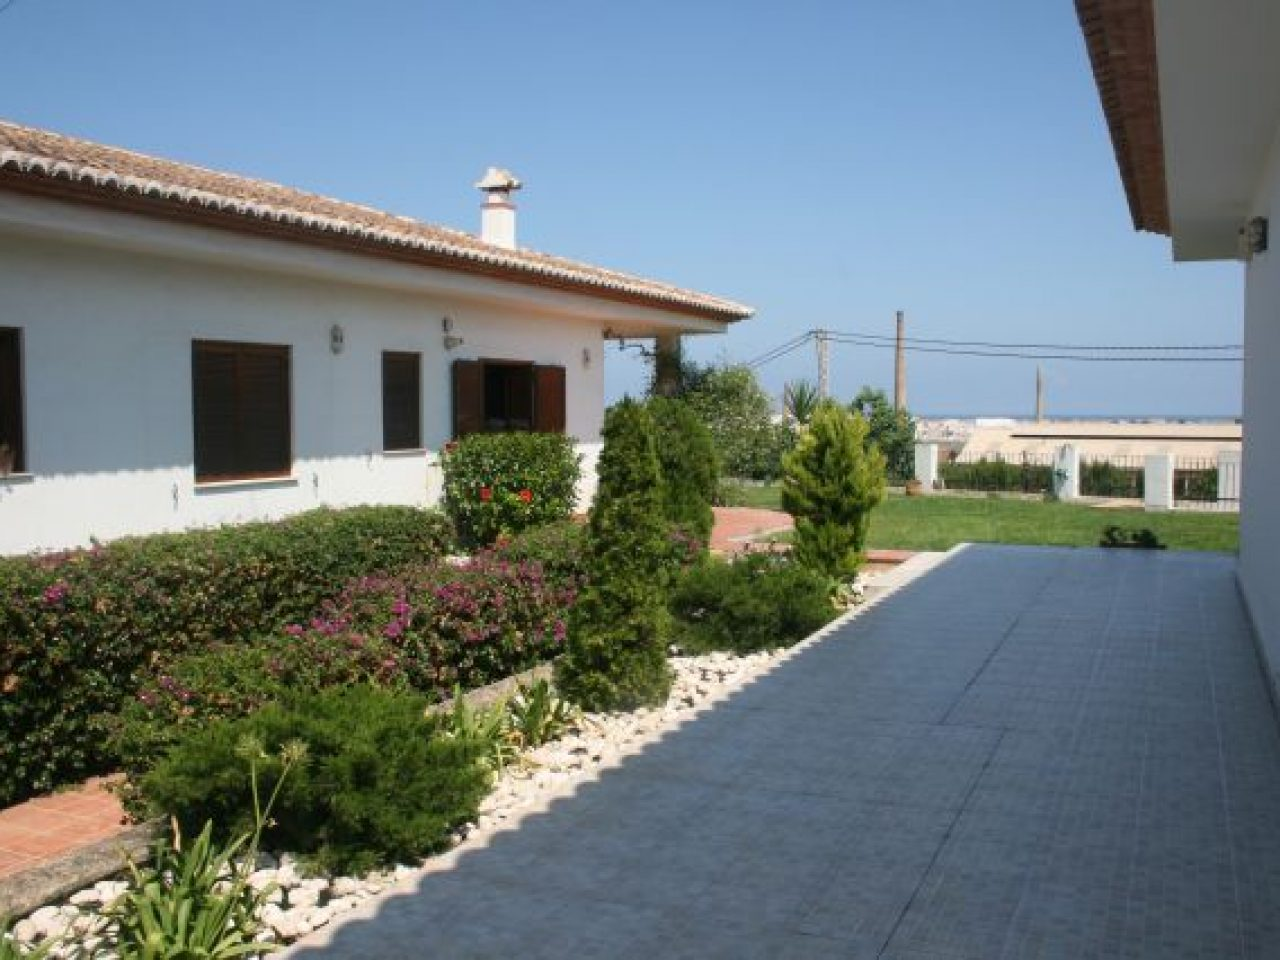 casas oliva 027